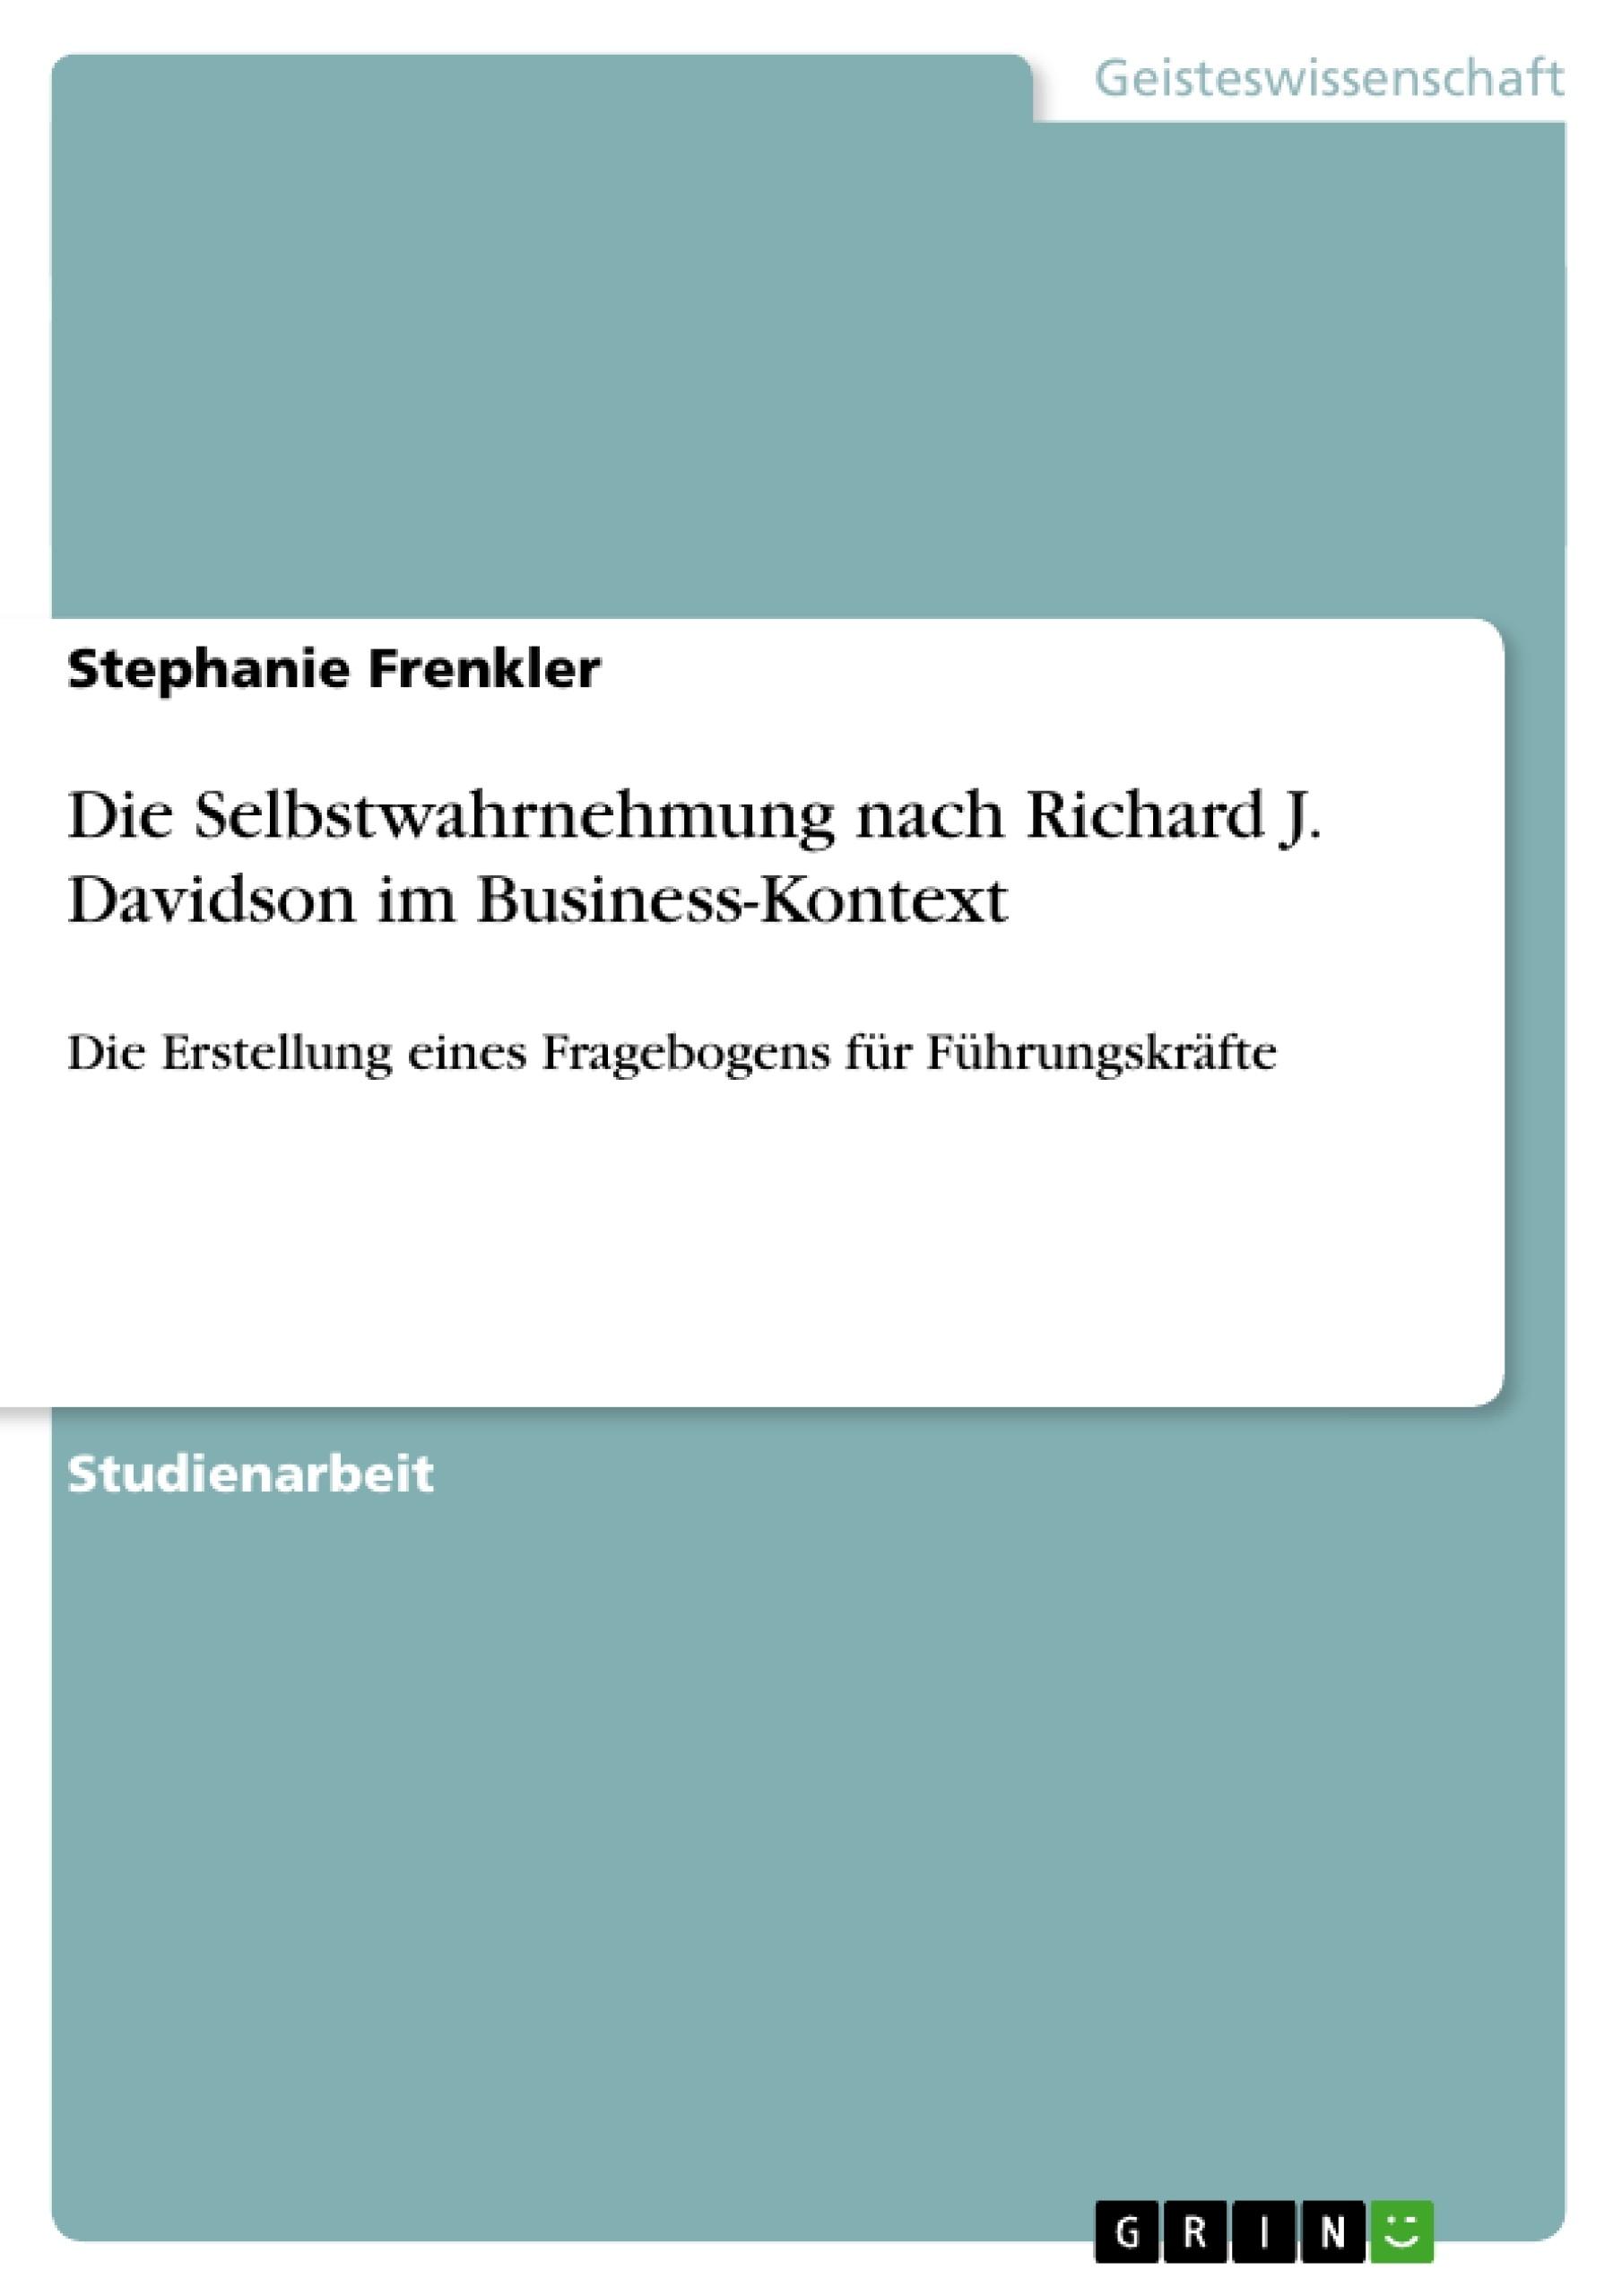 Titel: Die Selbstwahrnehmung nach Richard J. Davidson im Business-Kontext